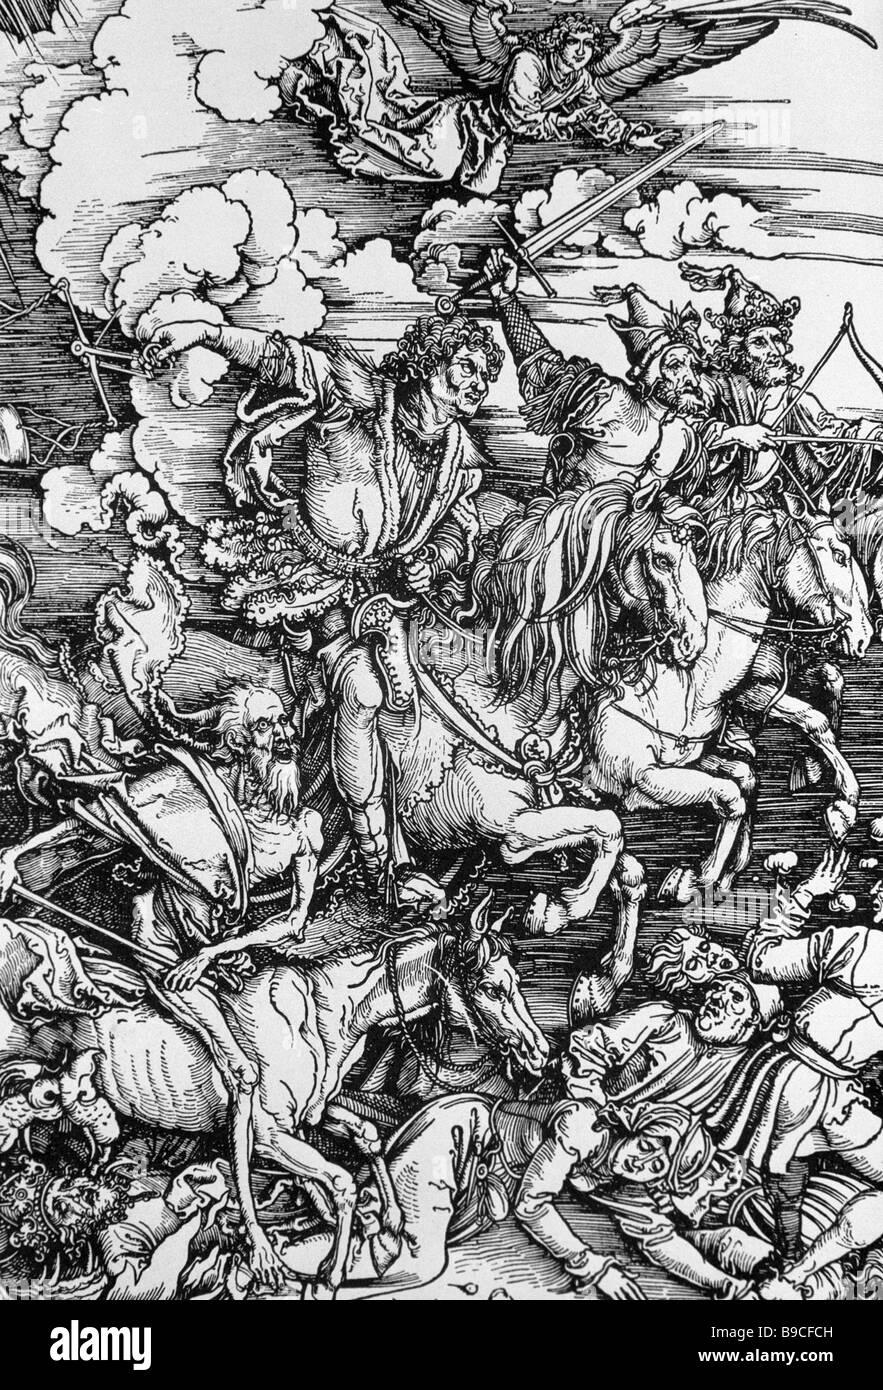 Reproducción de Durer Albreht s dibujar el cuarto jinete del ...